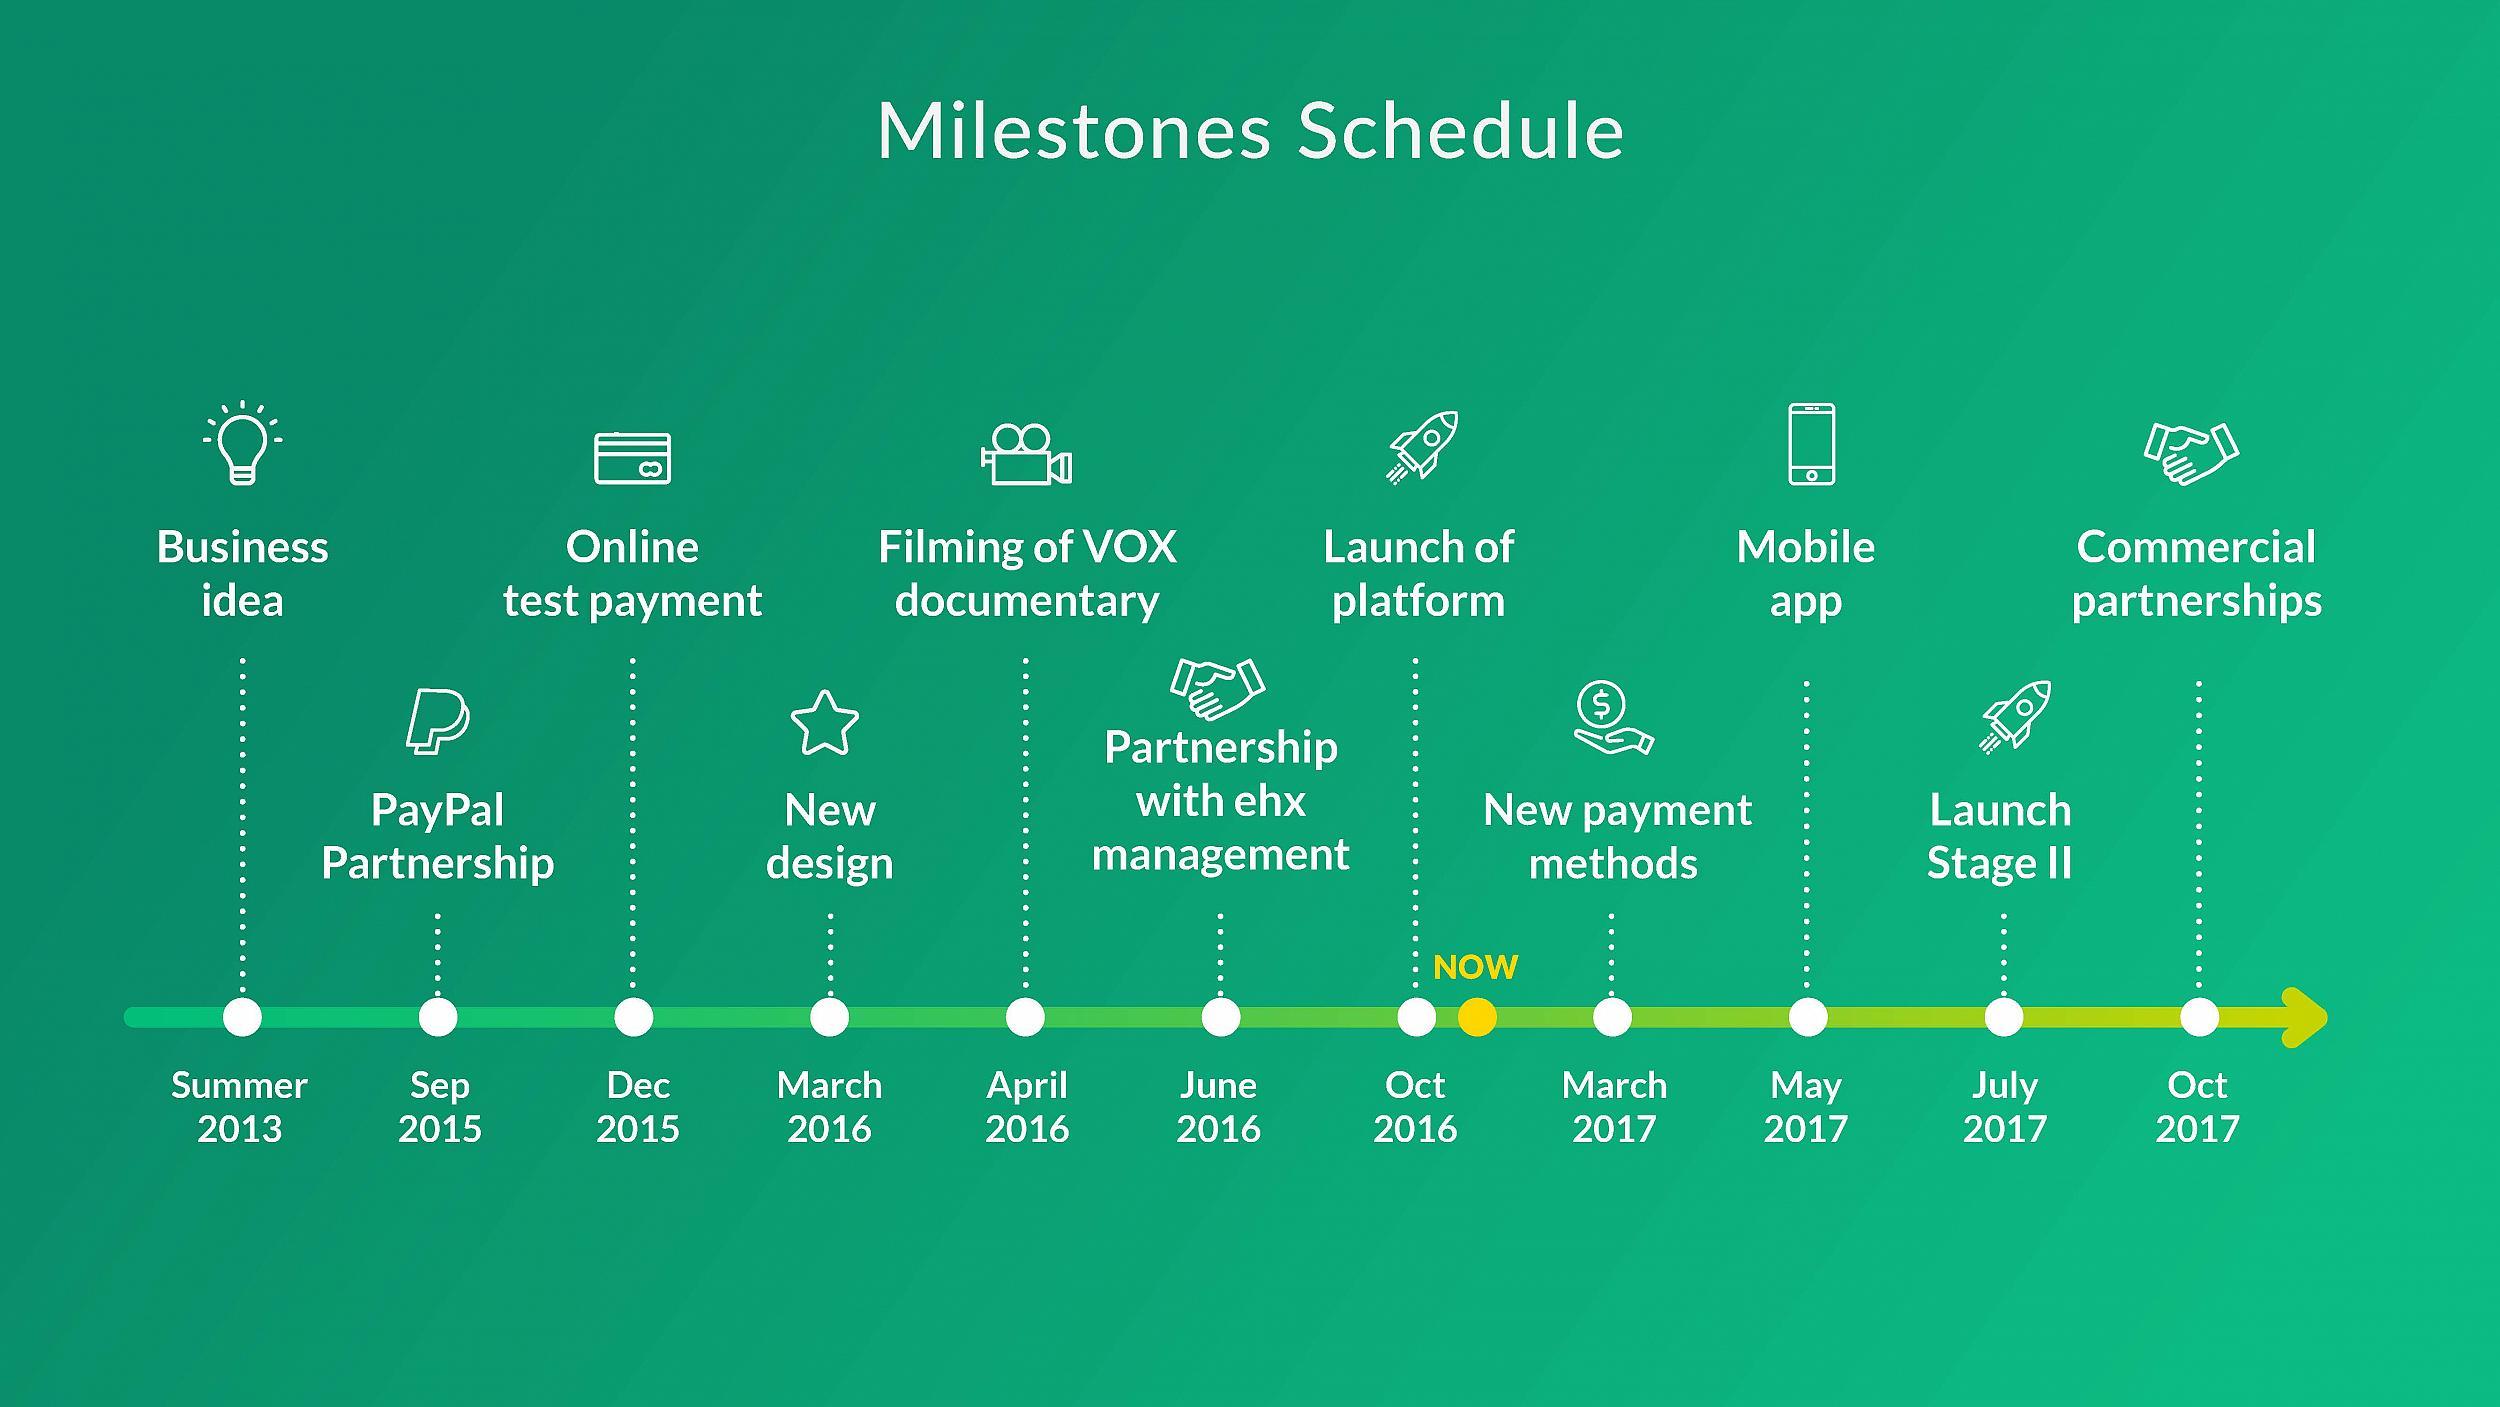 GroopDoo Milestones Schedule